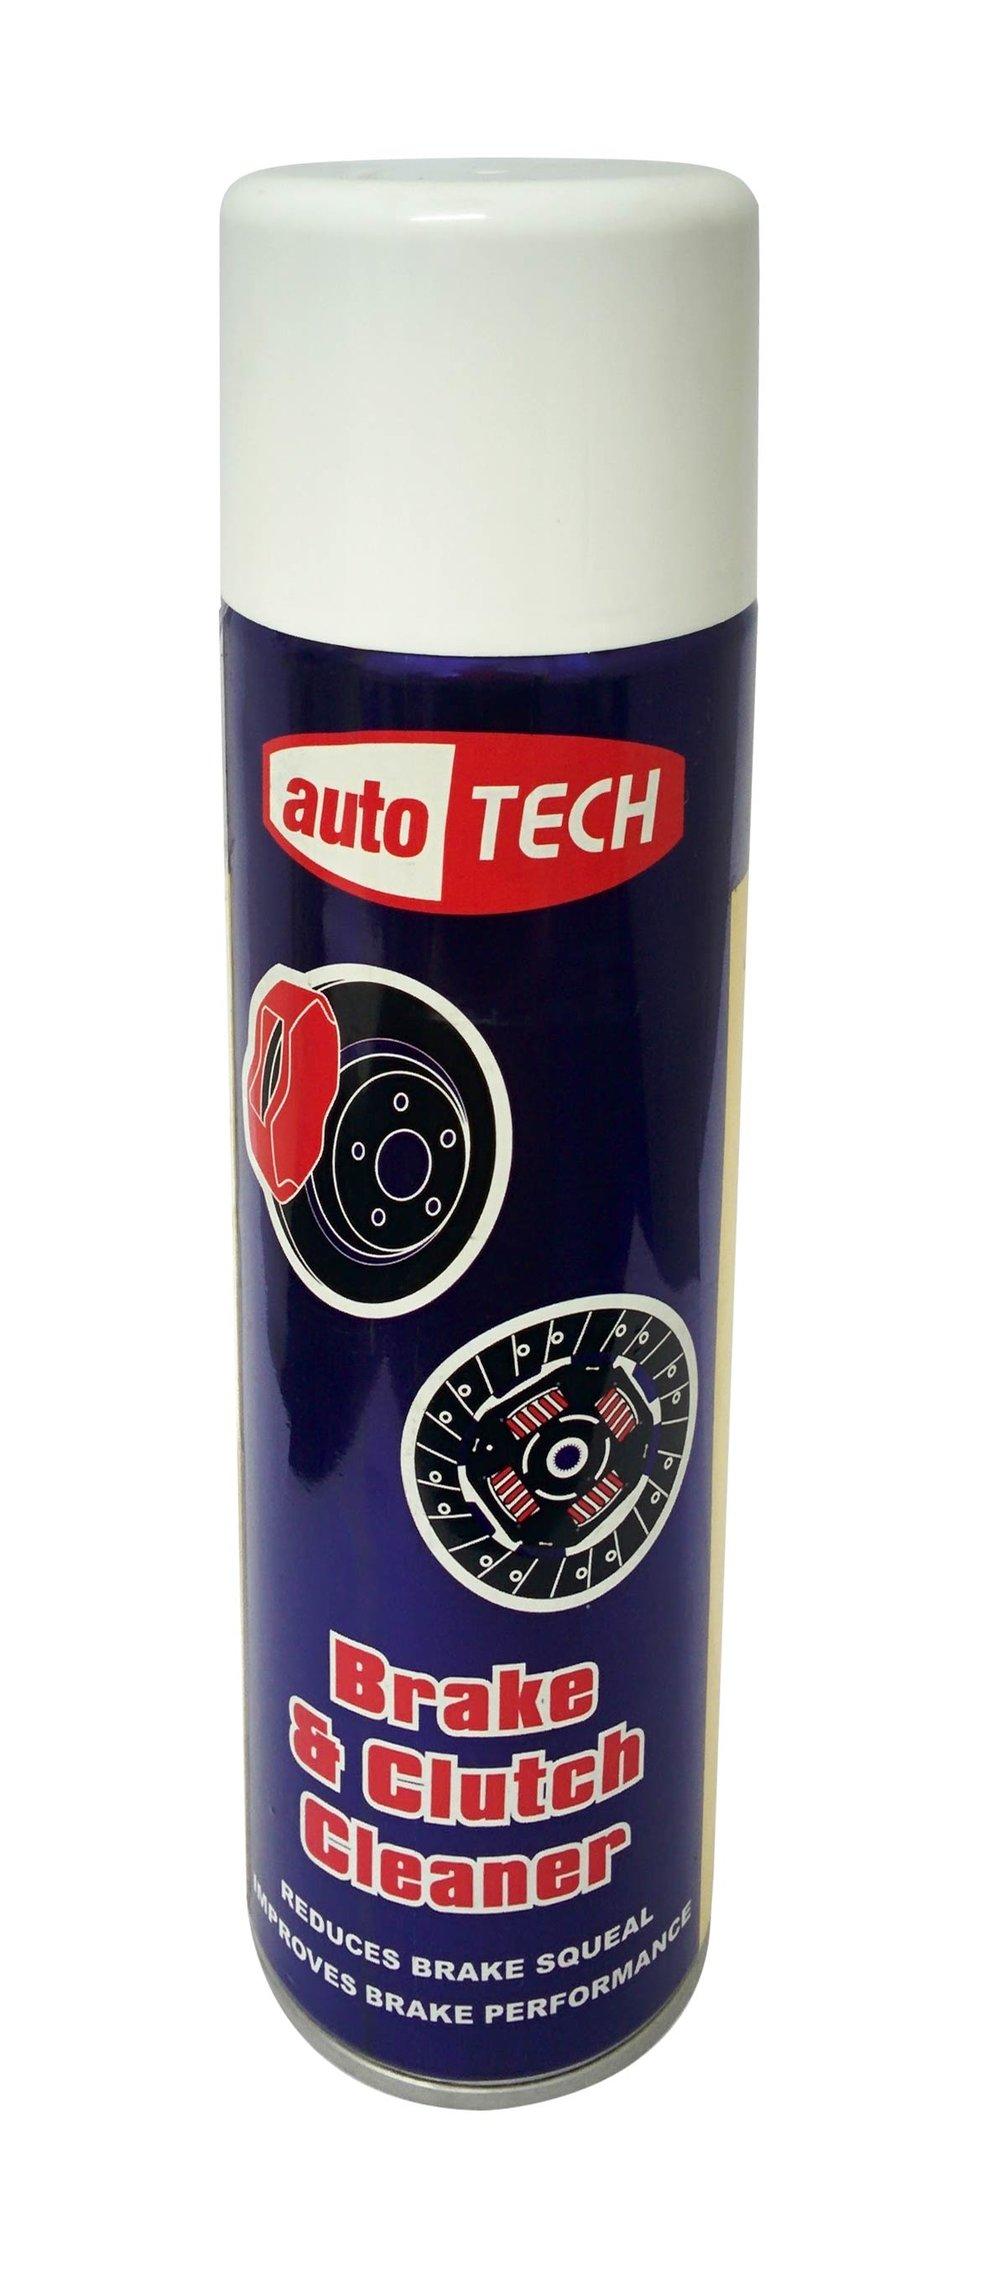 Autotech_BrakeClutchCleaner.jpg